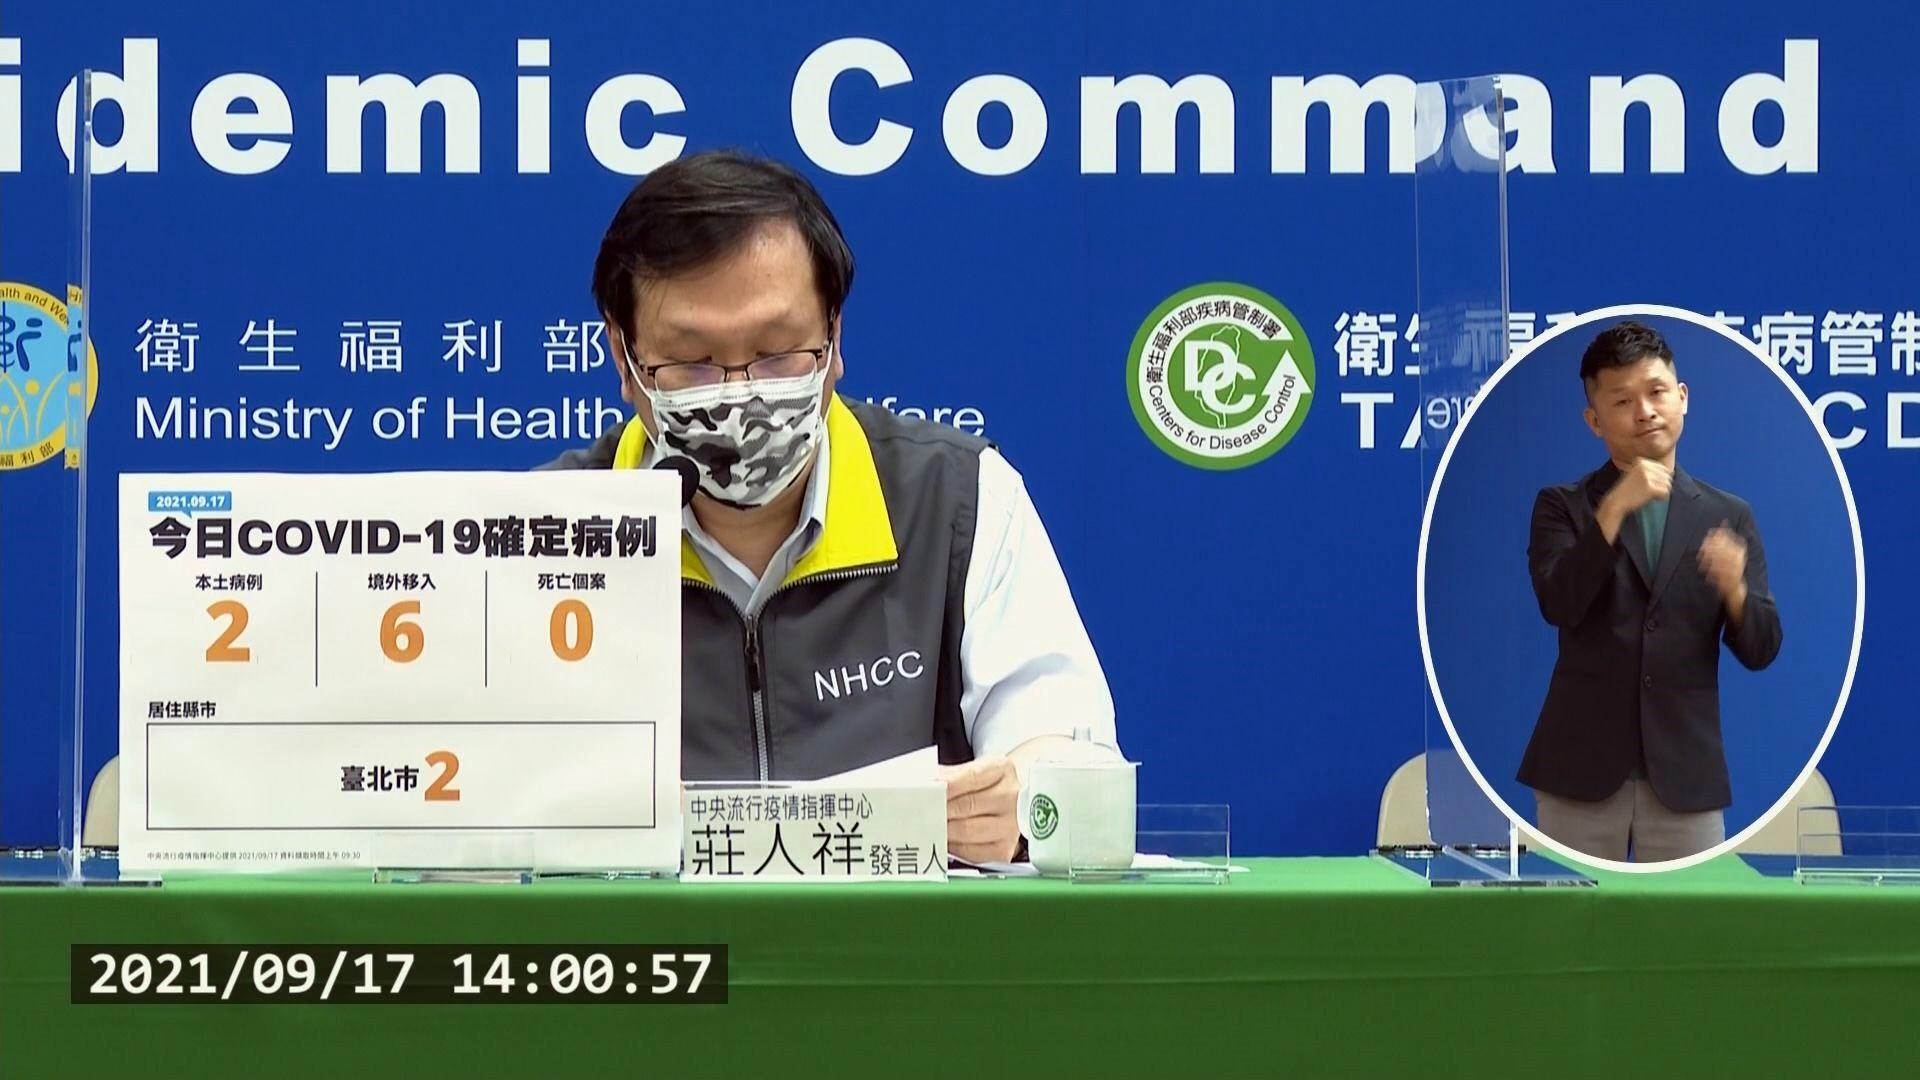 Taiwan laporkan 2 kasus lokal, 6 kasus impor pada 17 September